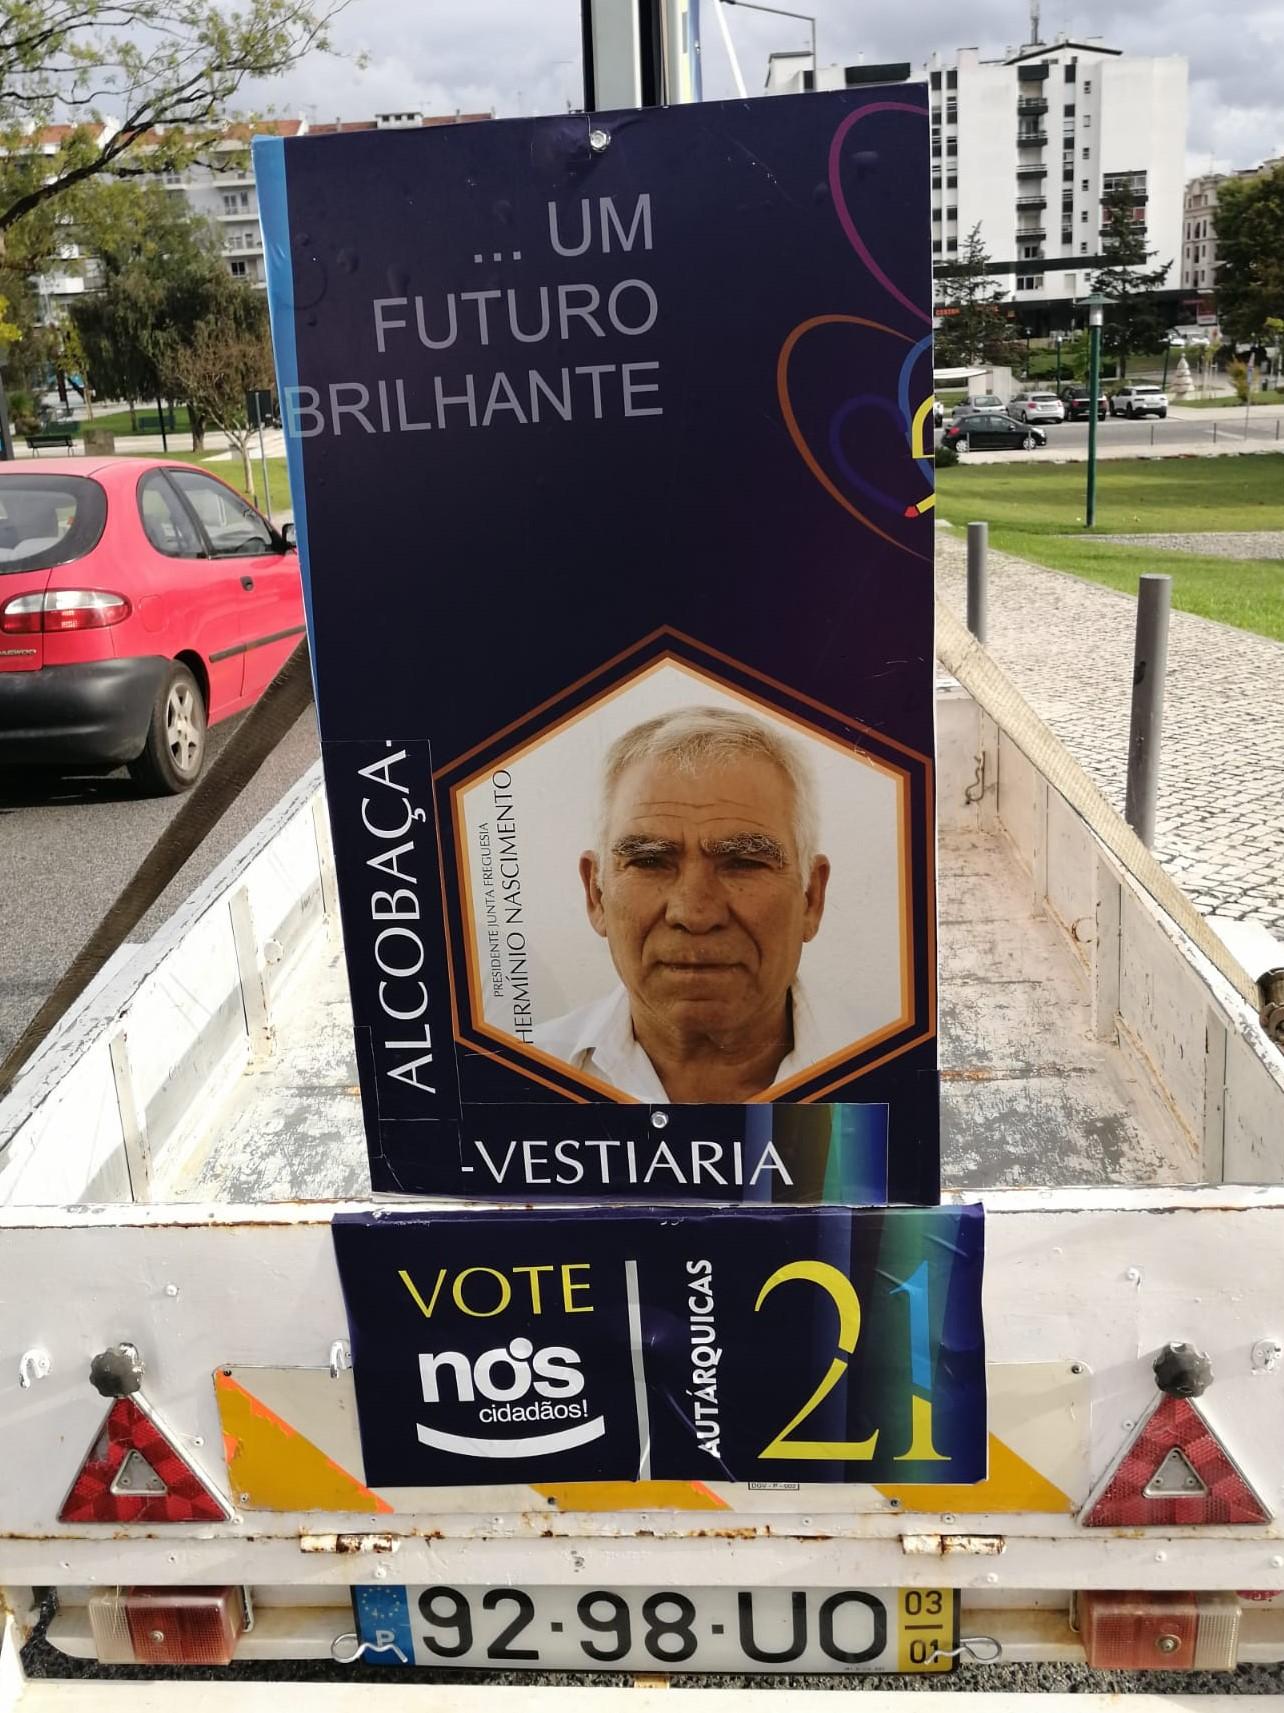 Nos_Cidadaos_2021_Alcobaca_Alcobaca_03